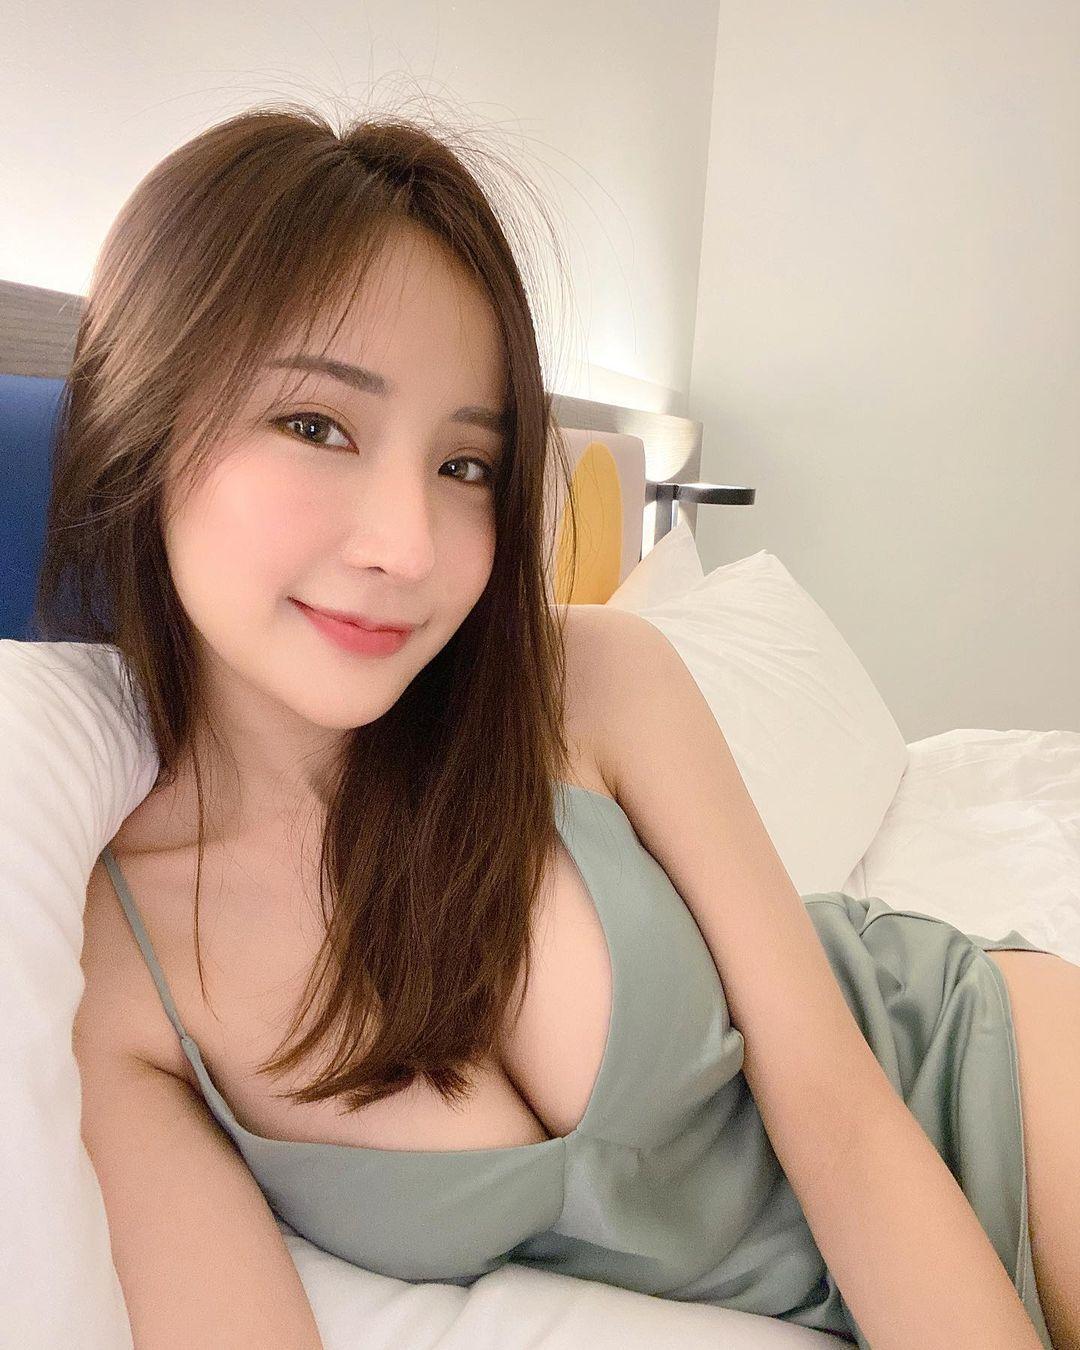 混血美女Thanyarat Charoenpornkittada傲人雪R小蛮腰狂吸粉